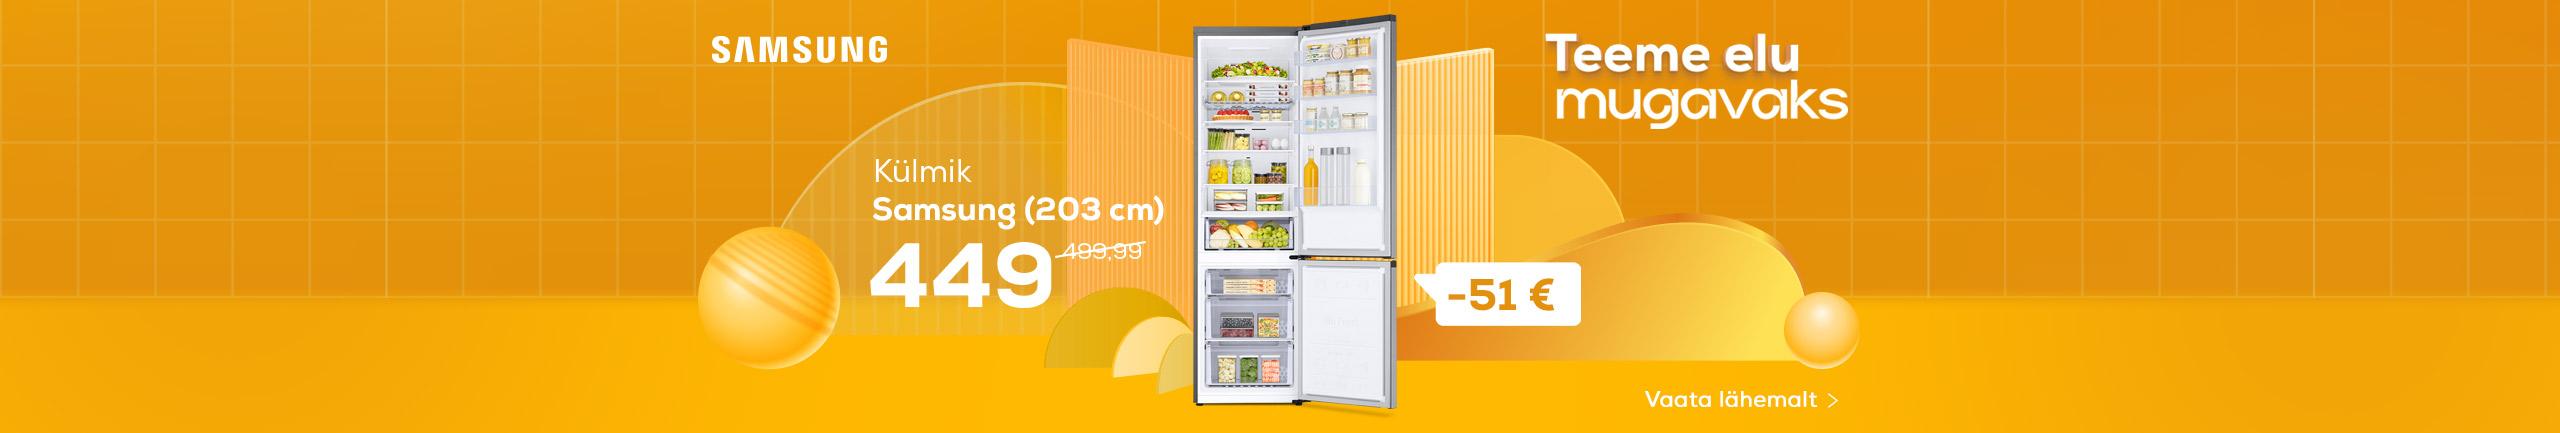 NPL Teeme elu lihtsaks, Samsung külmik